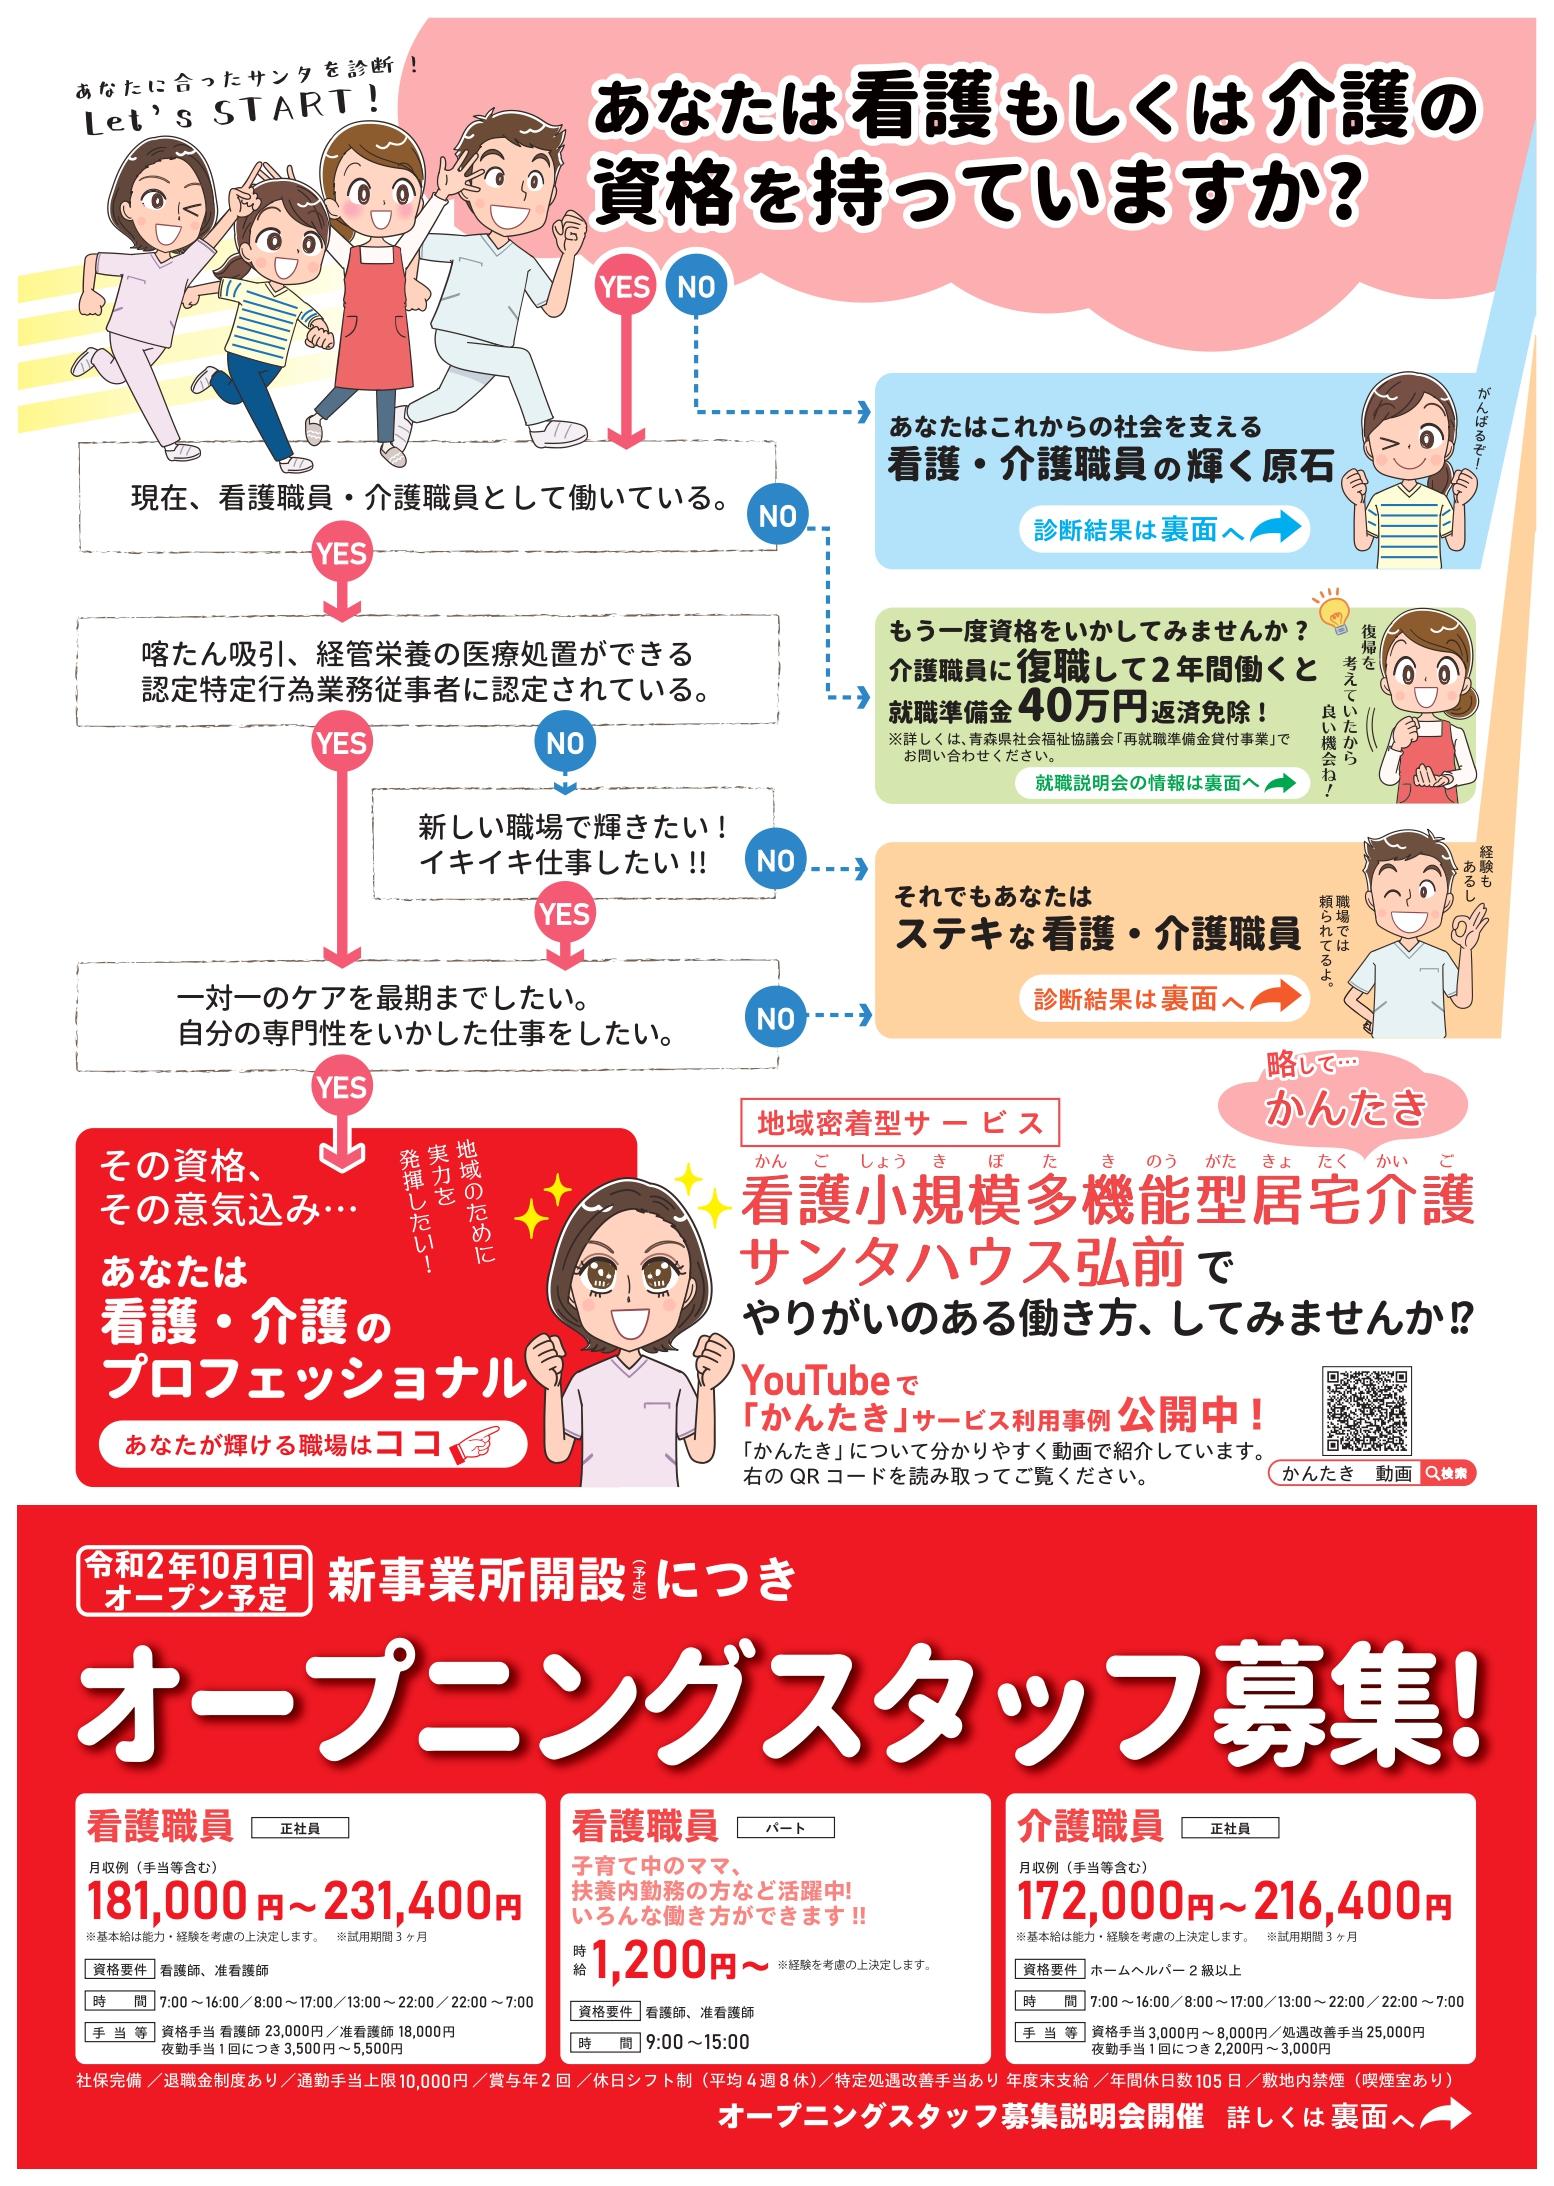 サンタハウス弘前オープニングスタッフ募集説明会_page-0001.jpg